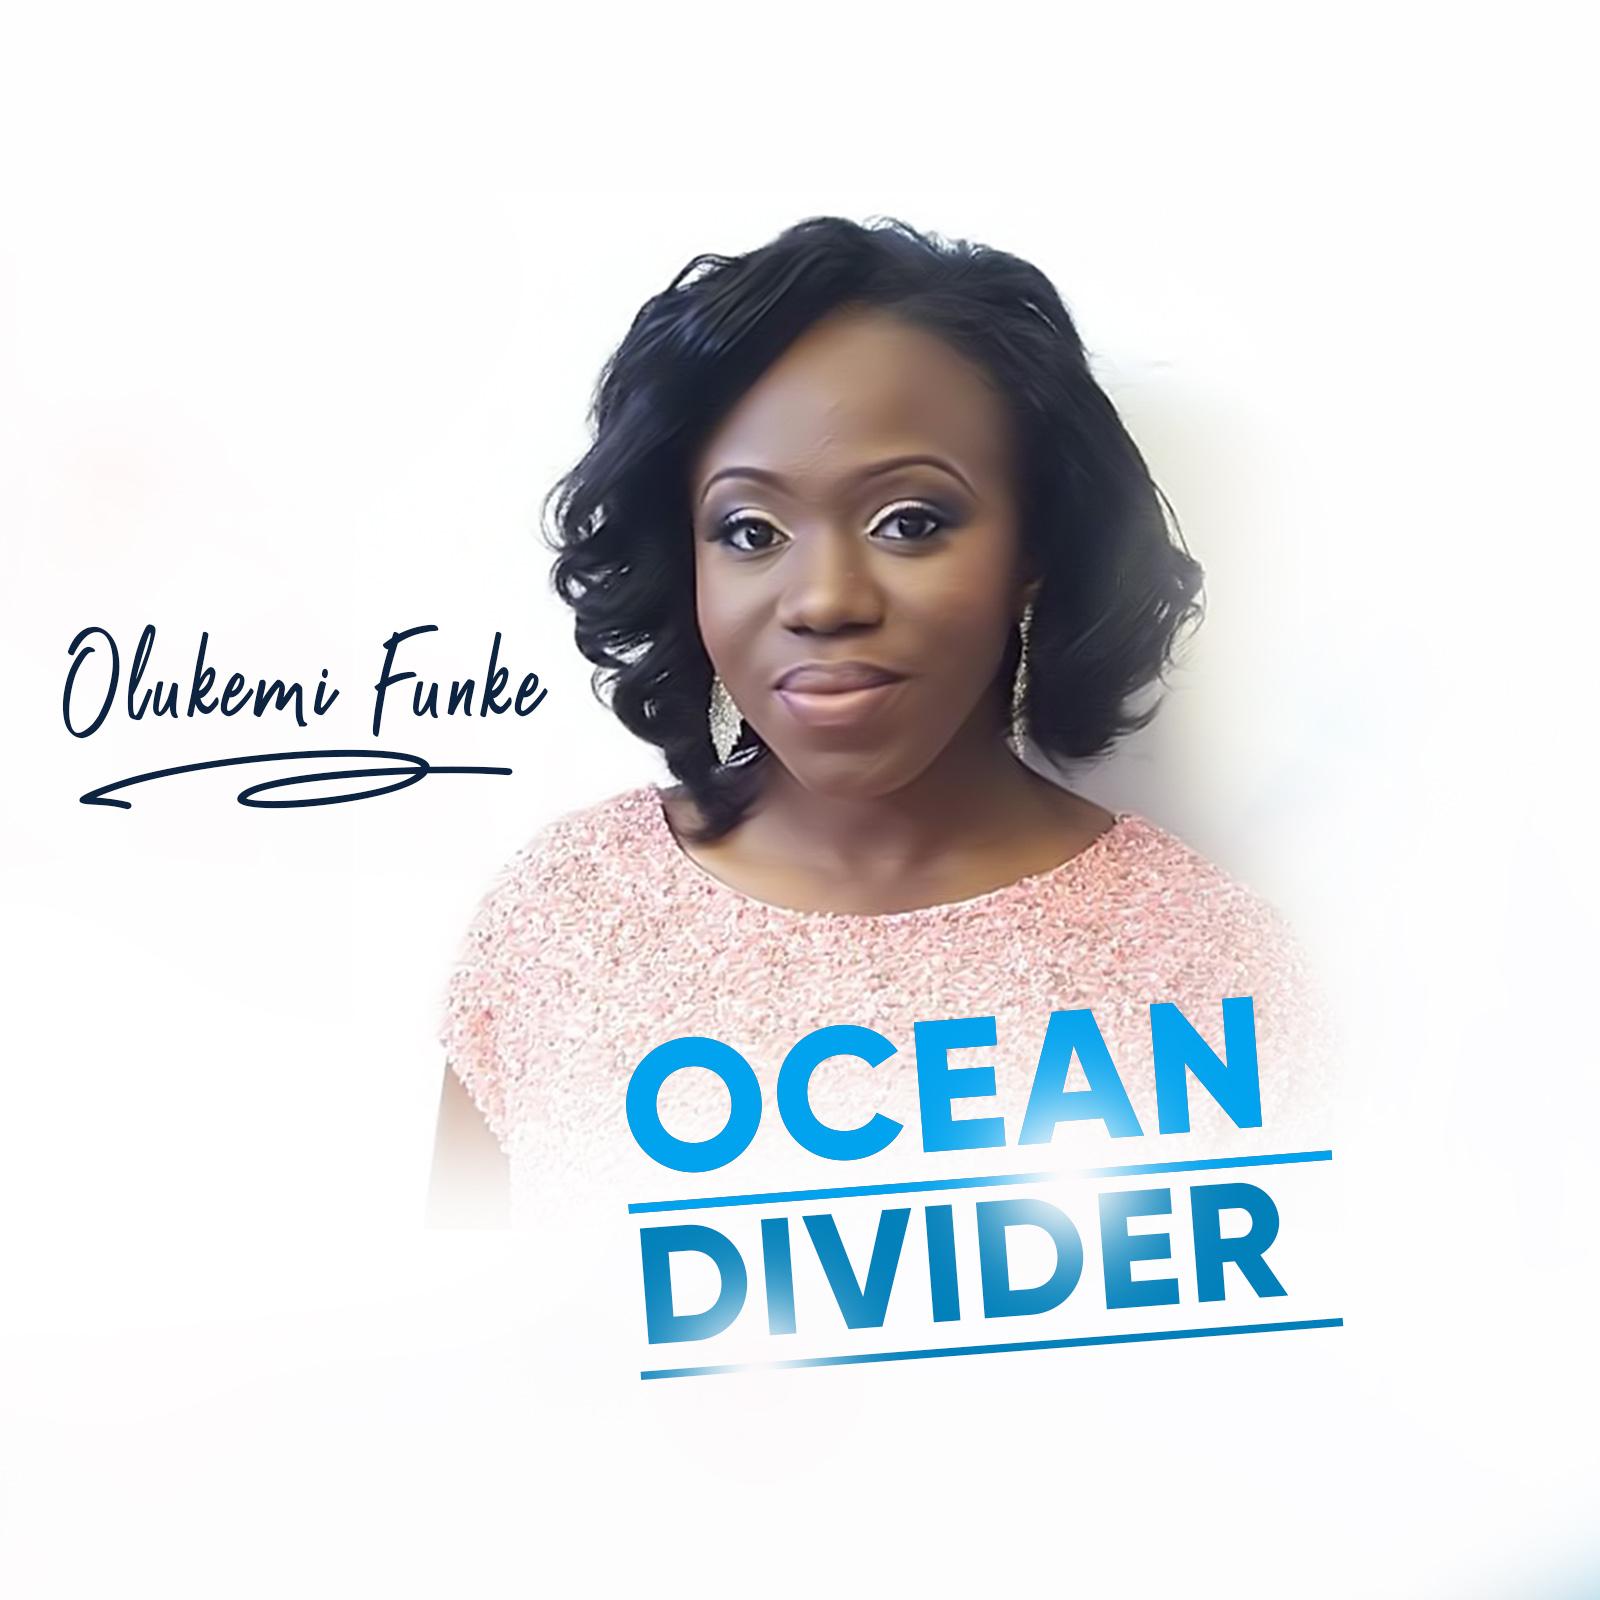 OCEAN DIVIDER - OLUKEMI FUNKE | @OLUKEMIFUNKE